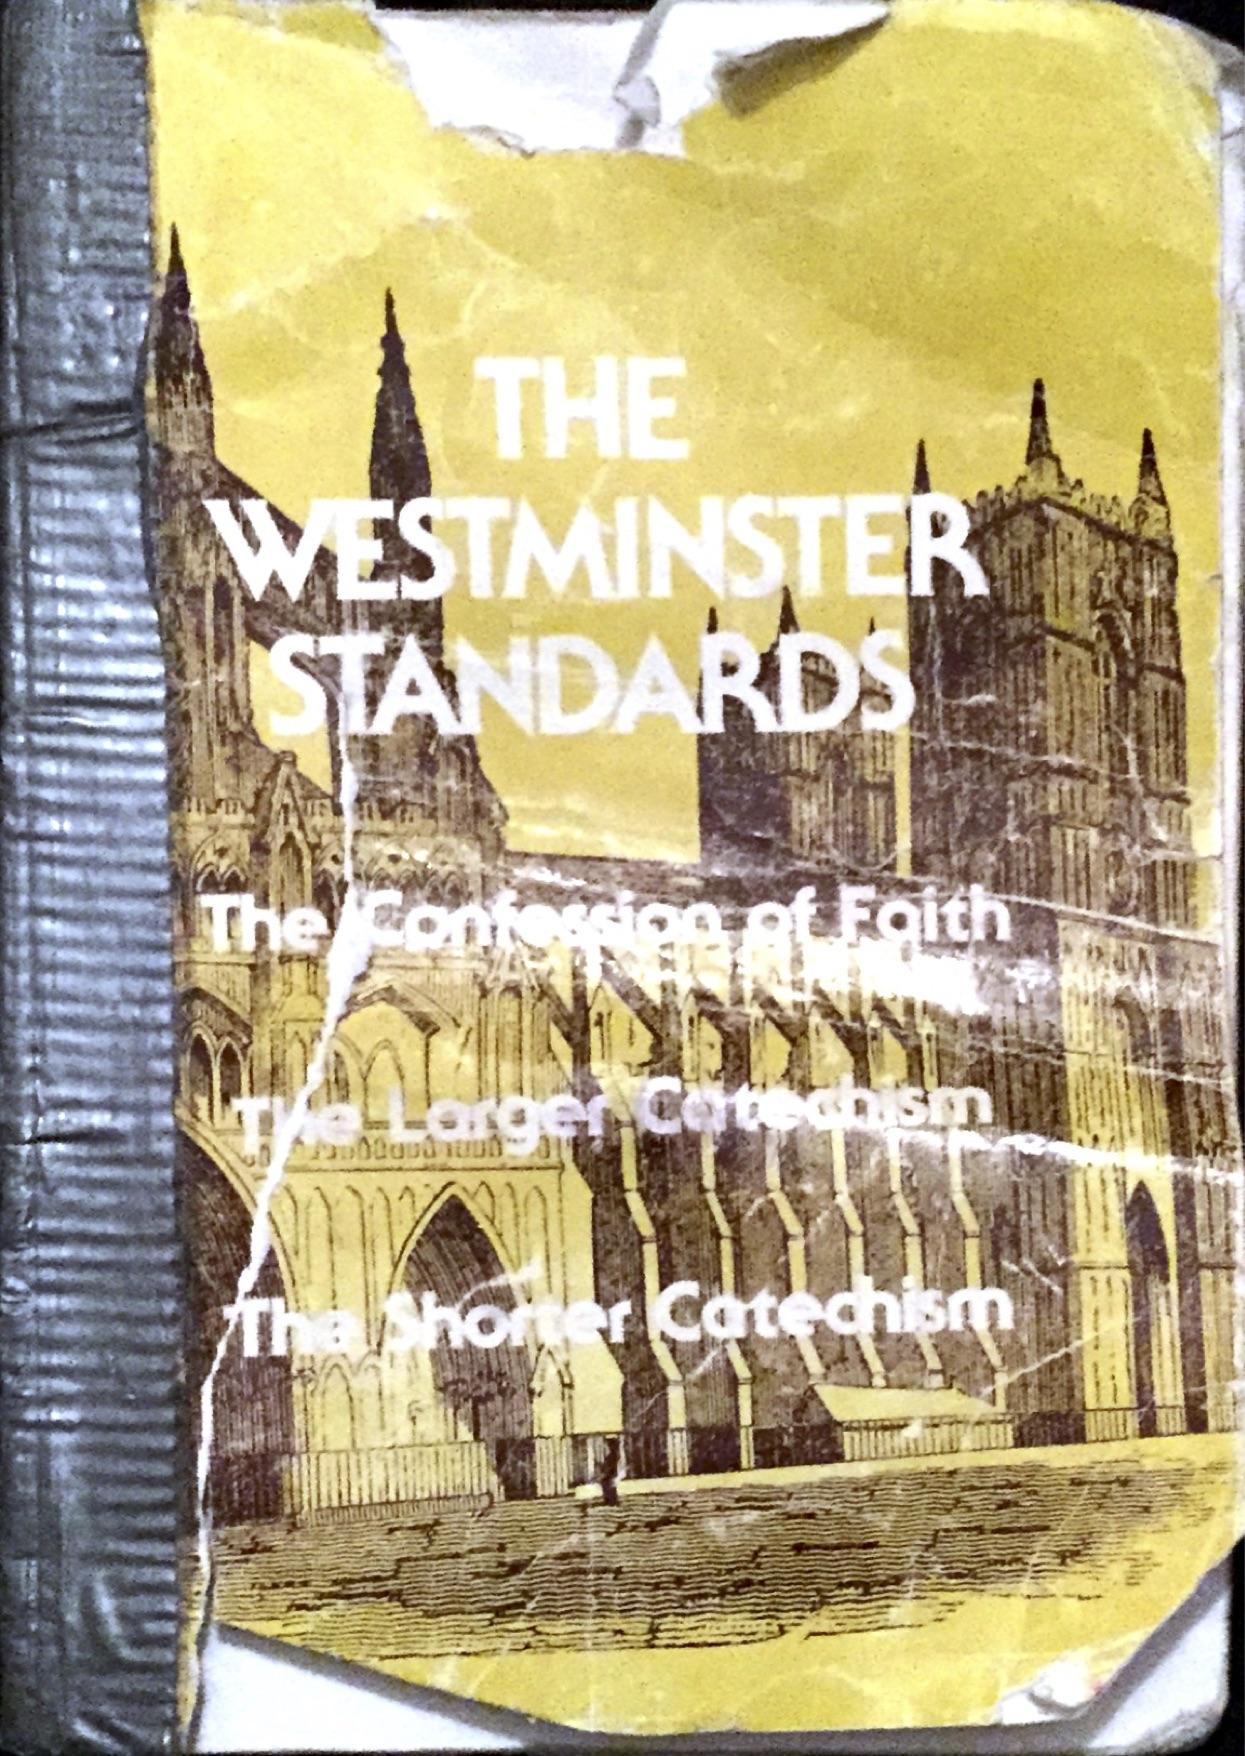 Westminster Standards - Aaron's Copy.jpg